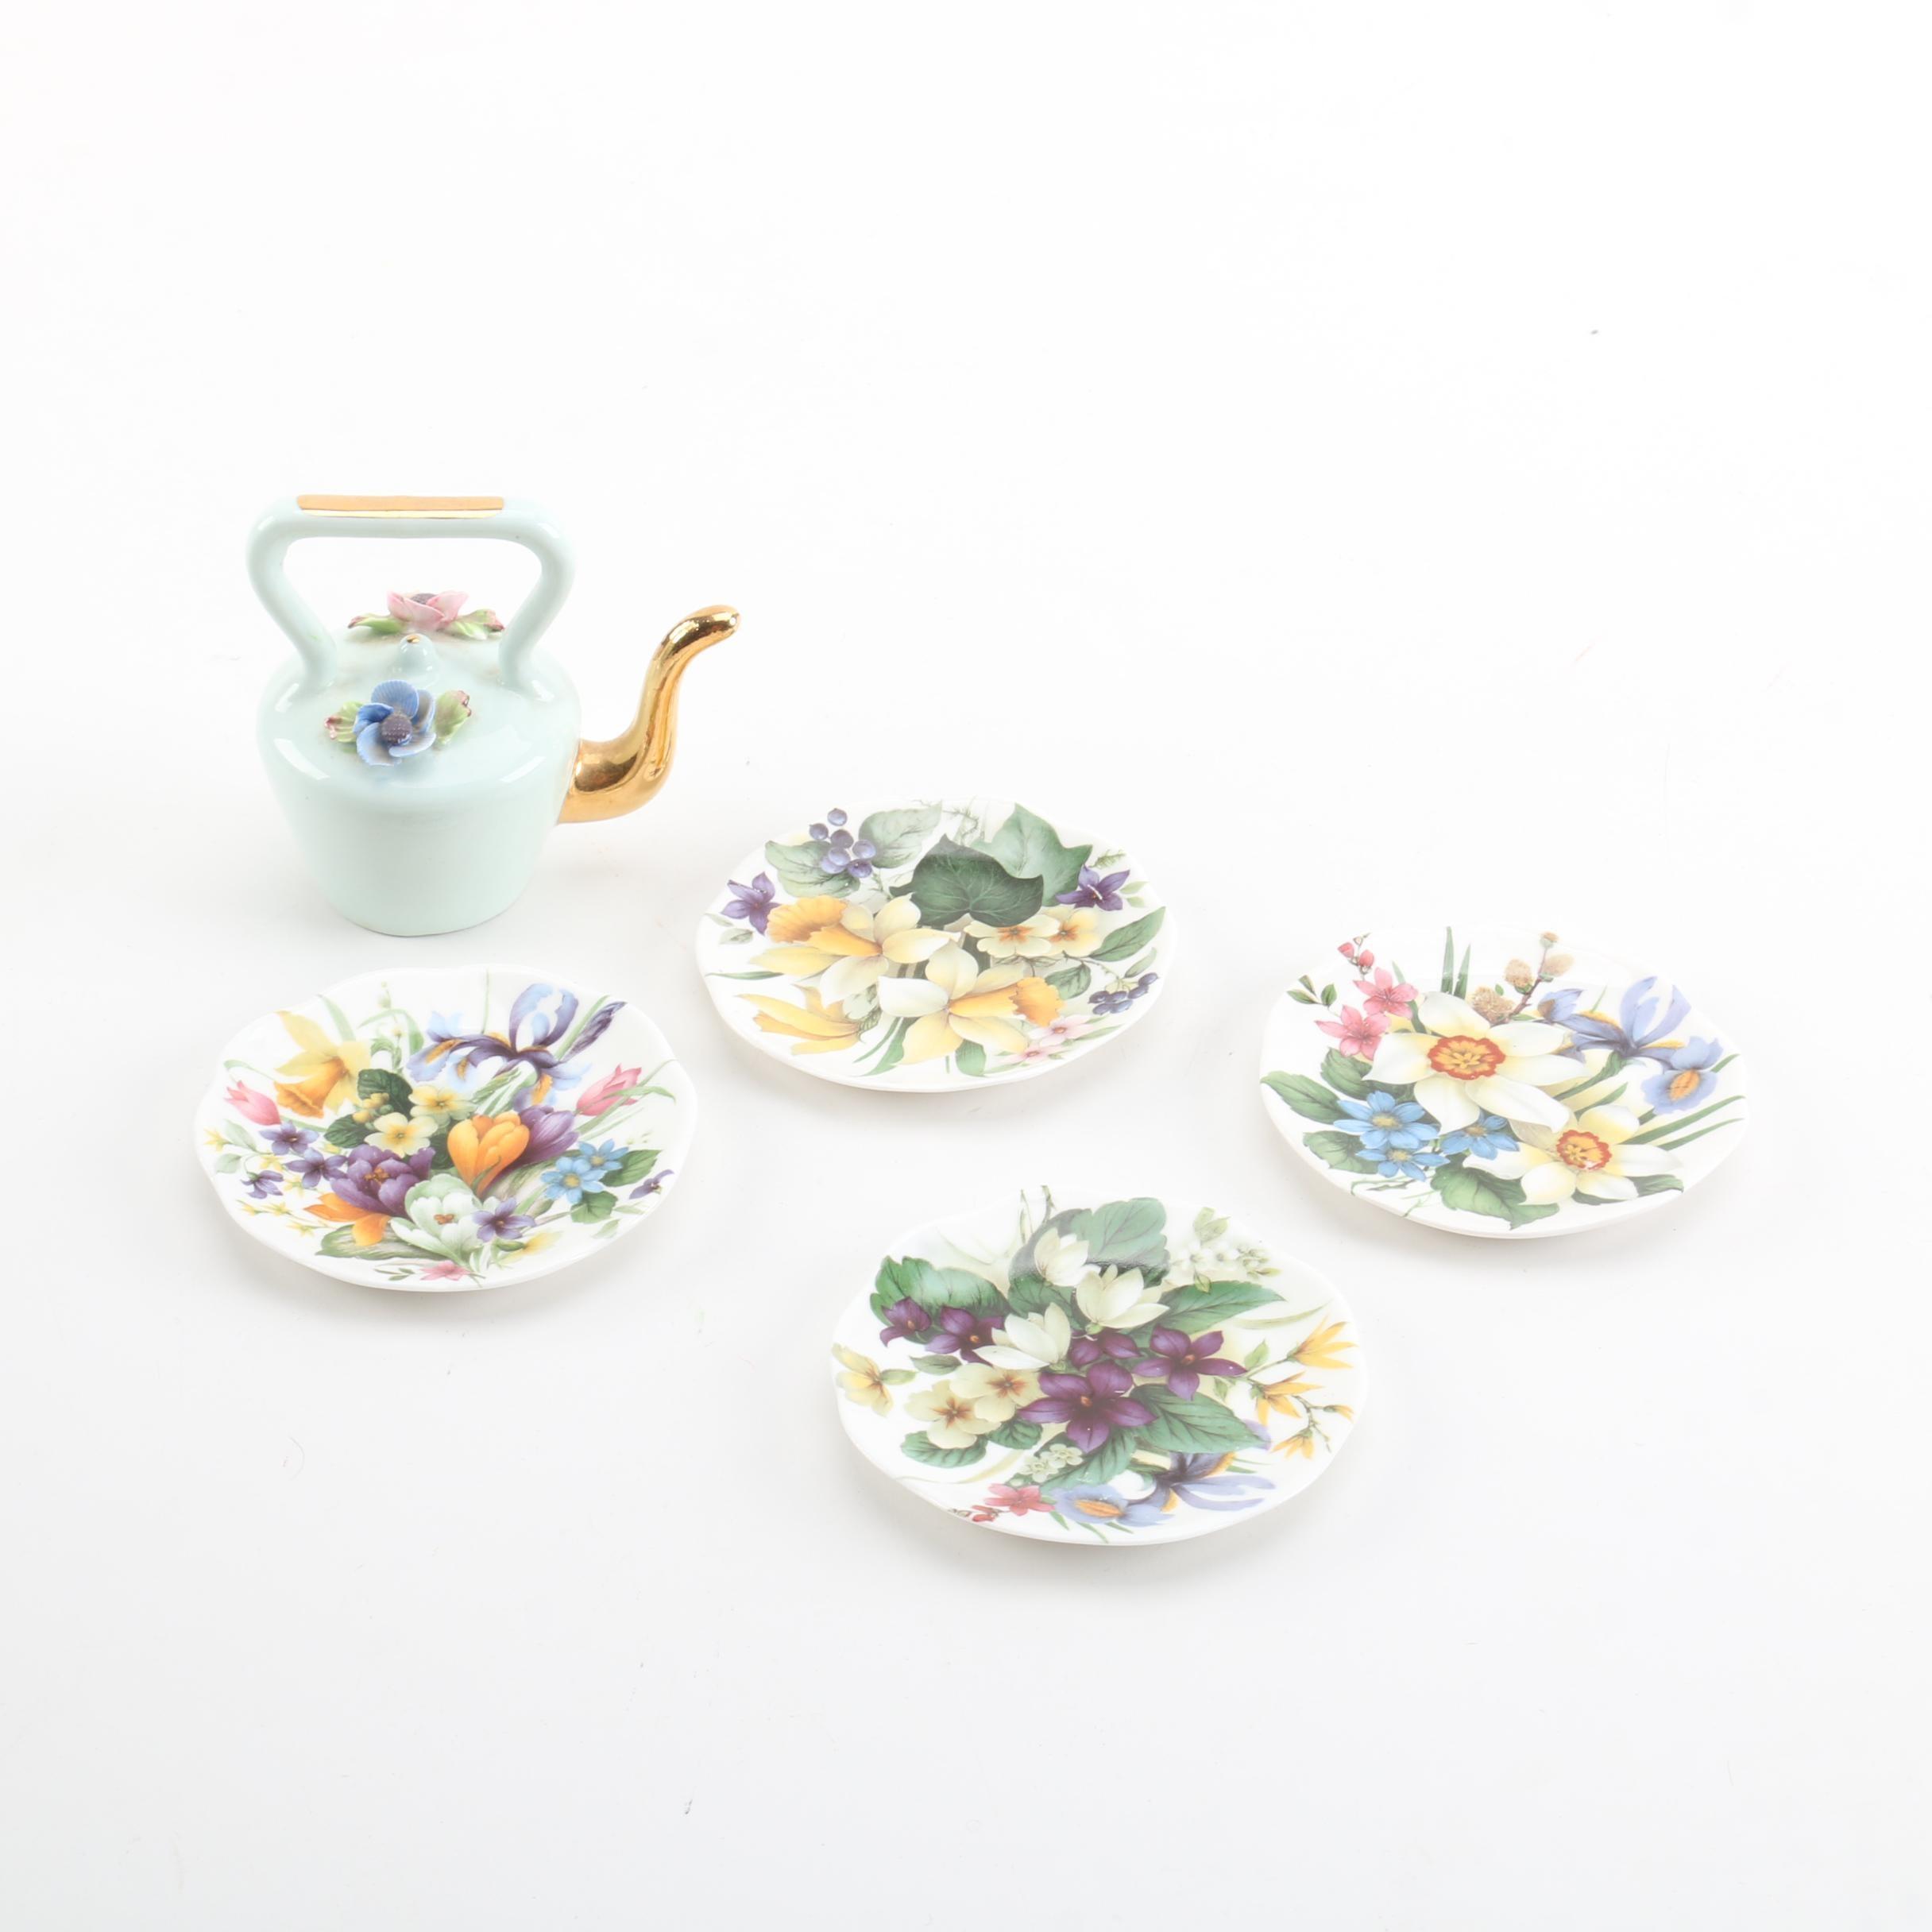 Floral Motif Porcelain Tea Pot and Dishes